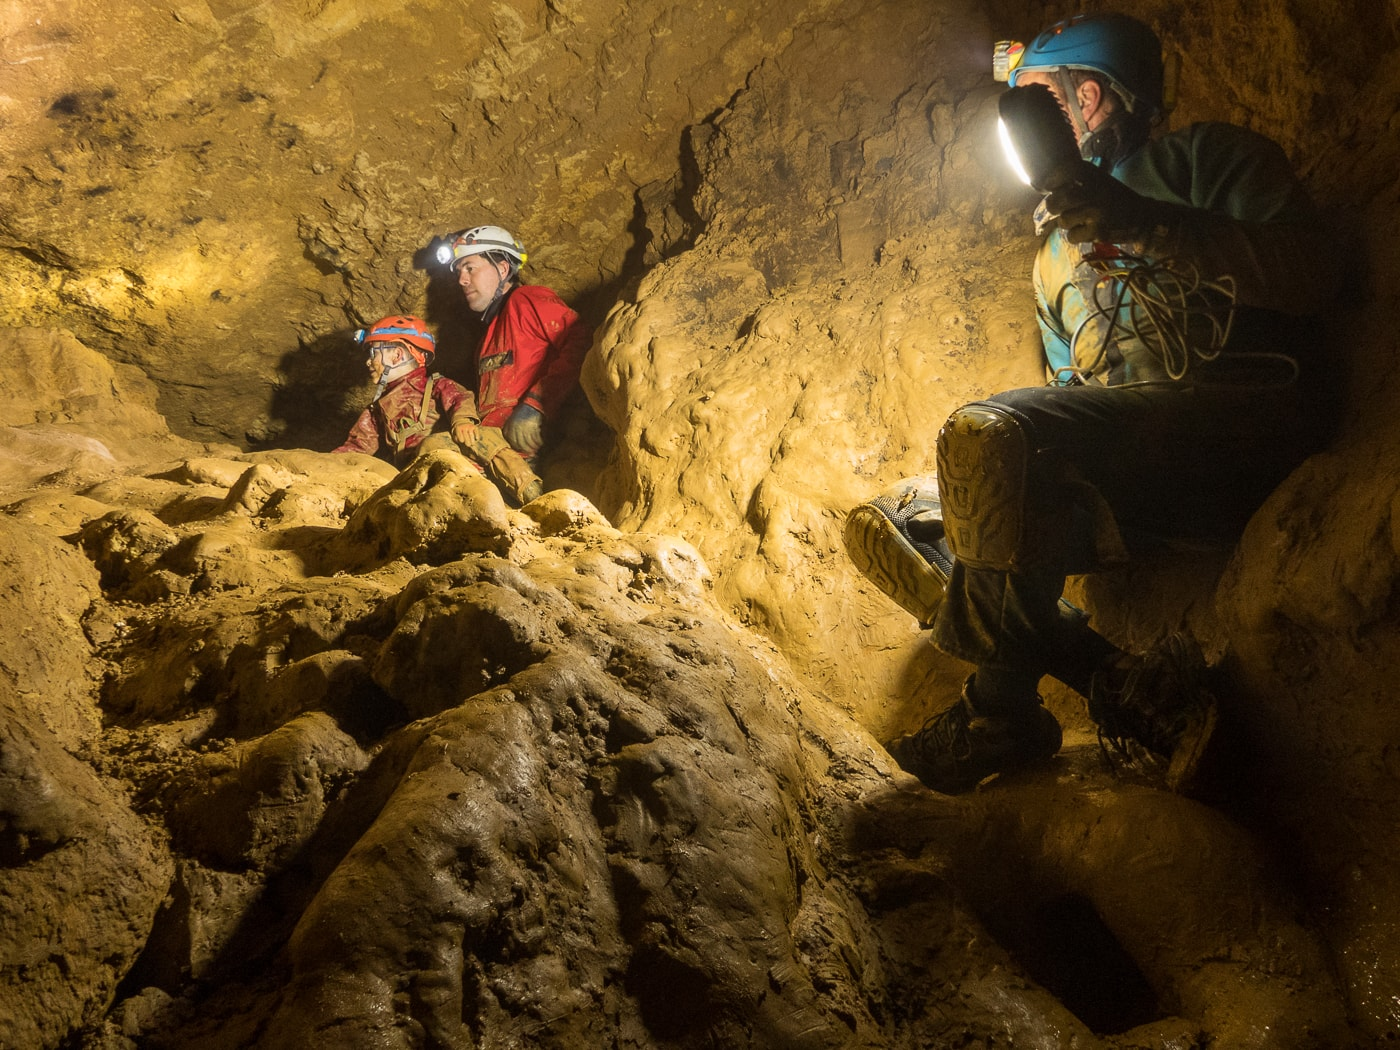 rivière souterraine champdeniers salle perdue